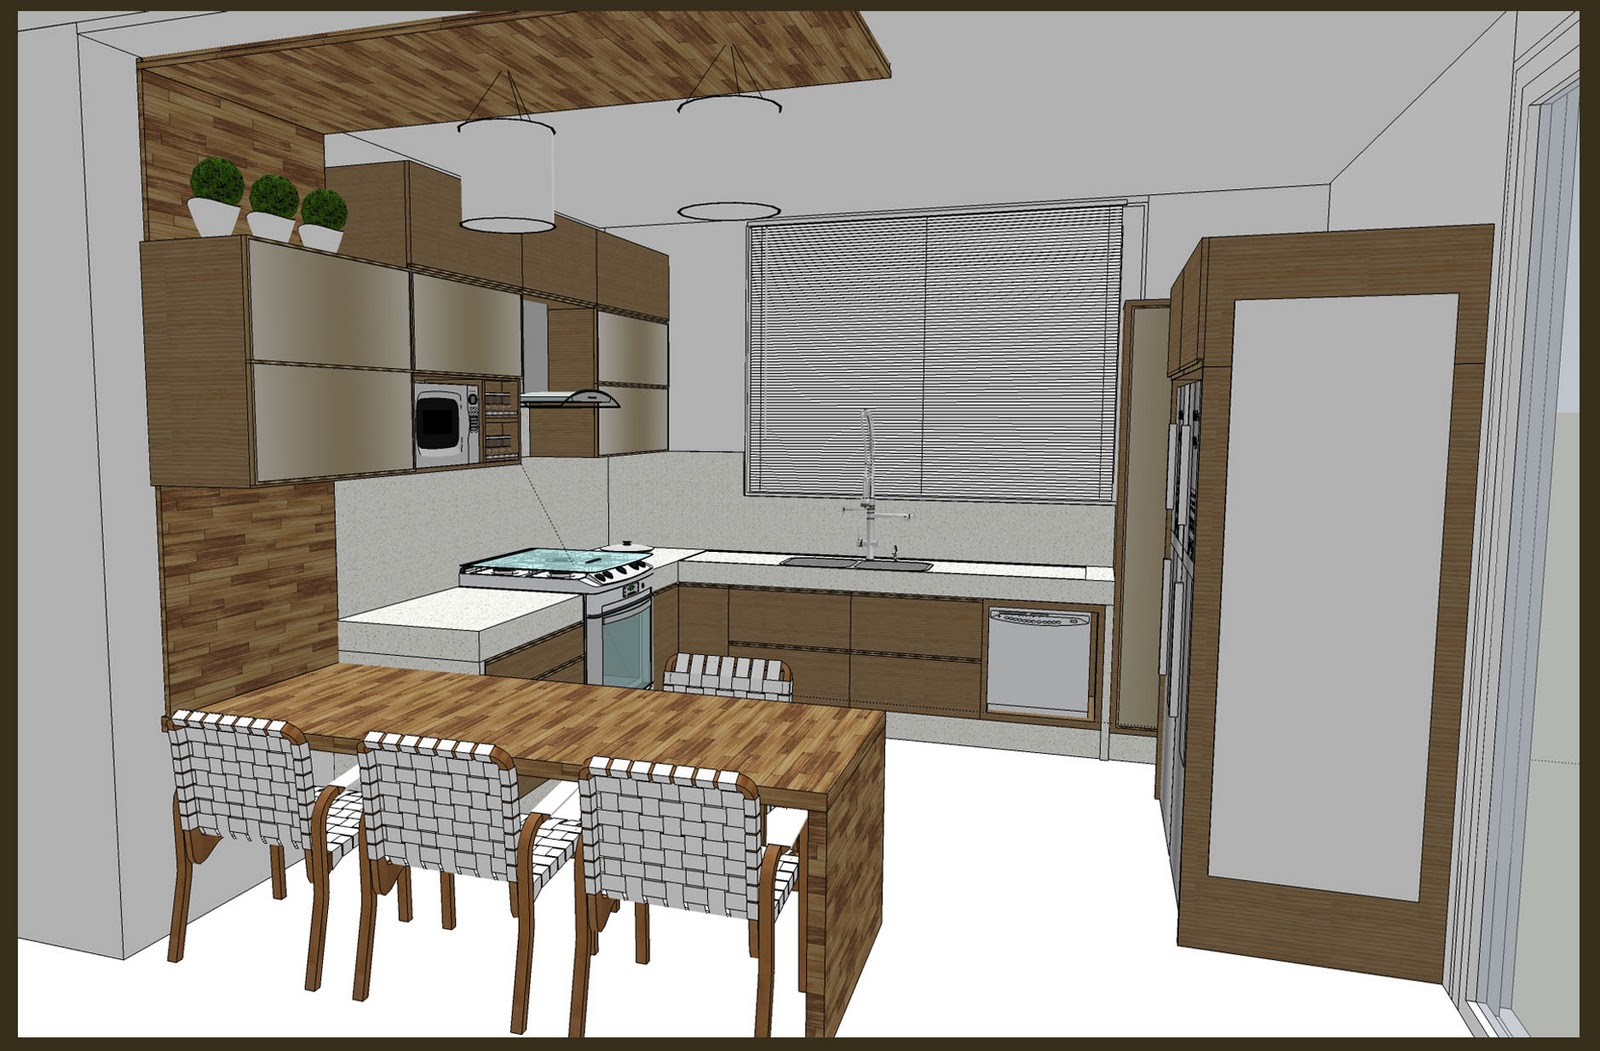 #624C32 Cozinha tradicional armários para maior aproveitamento do espaço  1600x1051 px Armario De Cozinha Compacto Mdf #2009 imagens